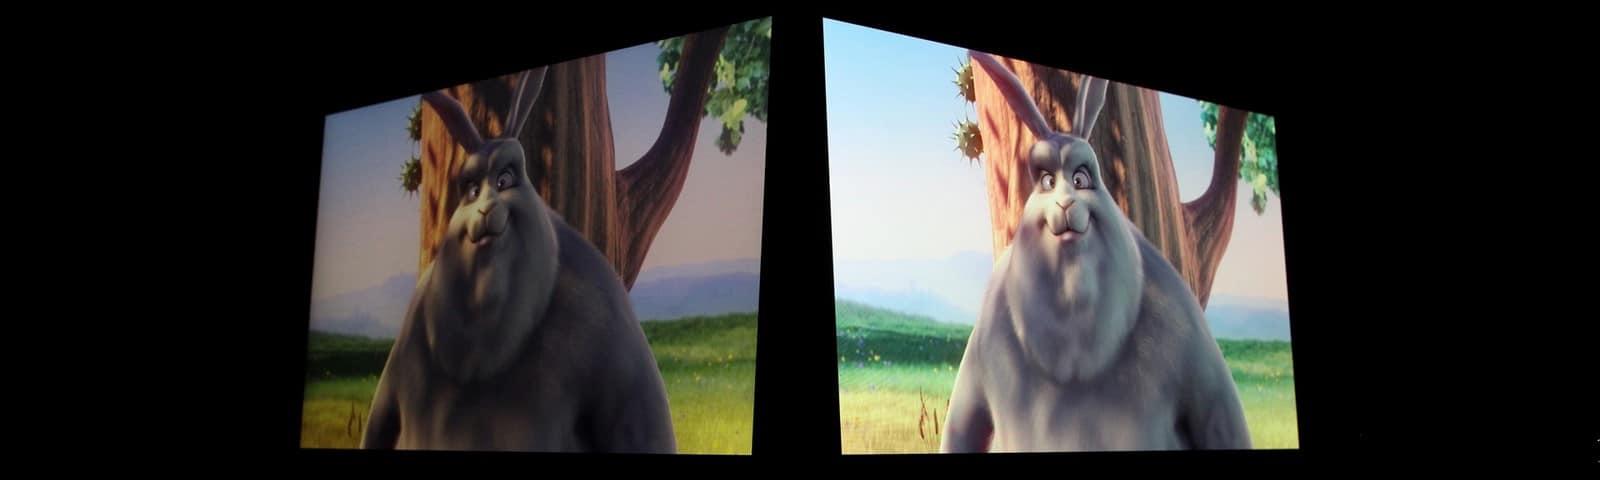 laptop ekran kut gledanja